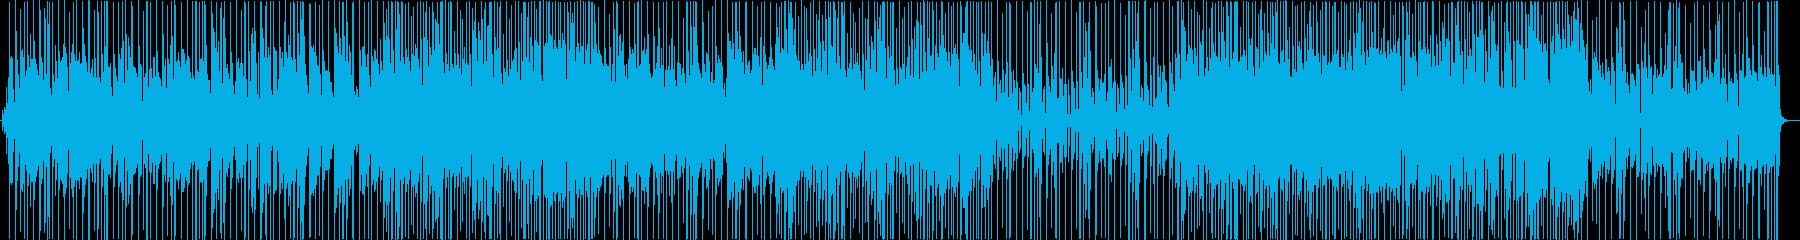 ほのぼのした雰囲気のギターインストの再生済みの波形